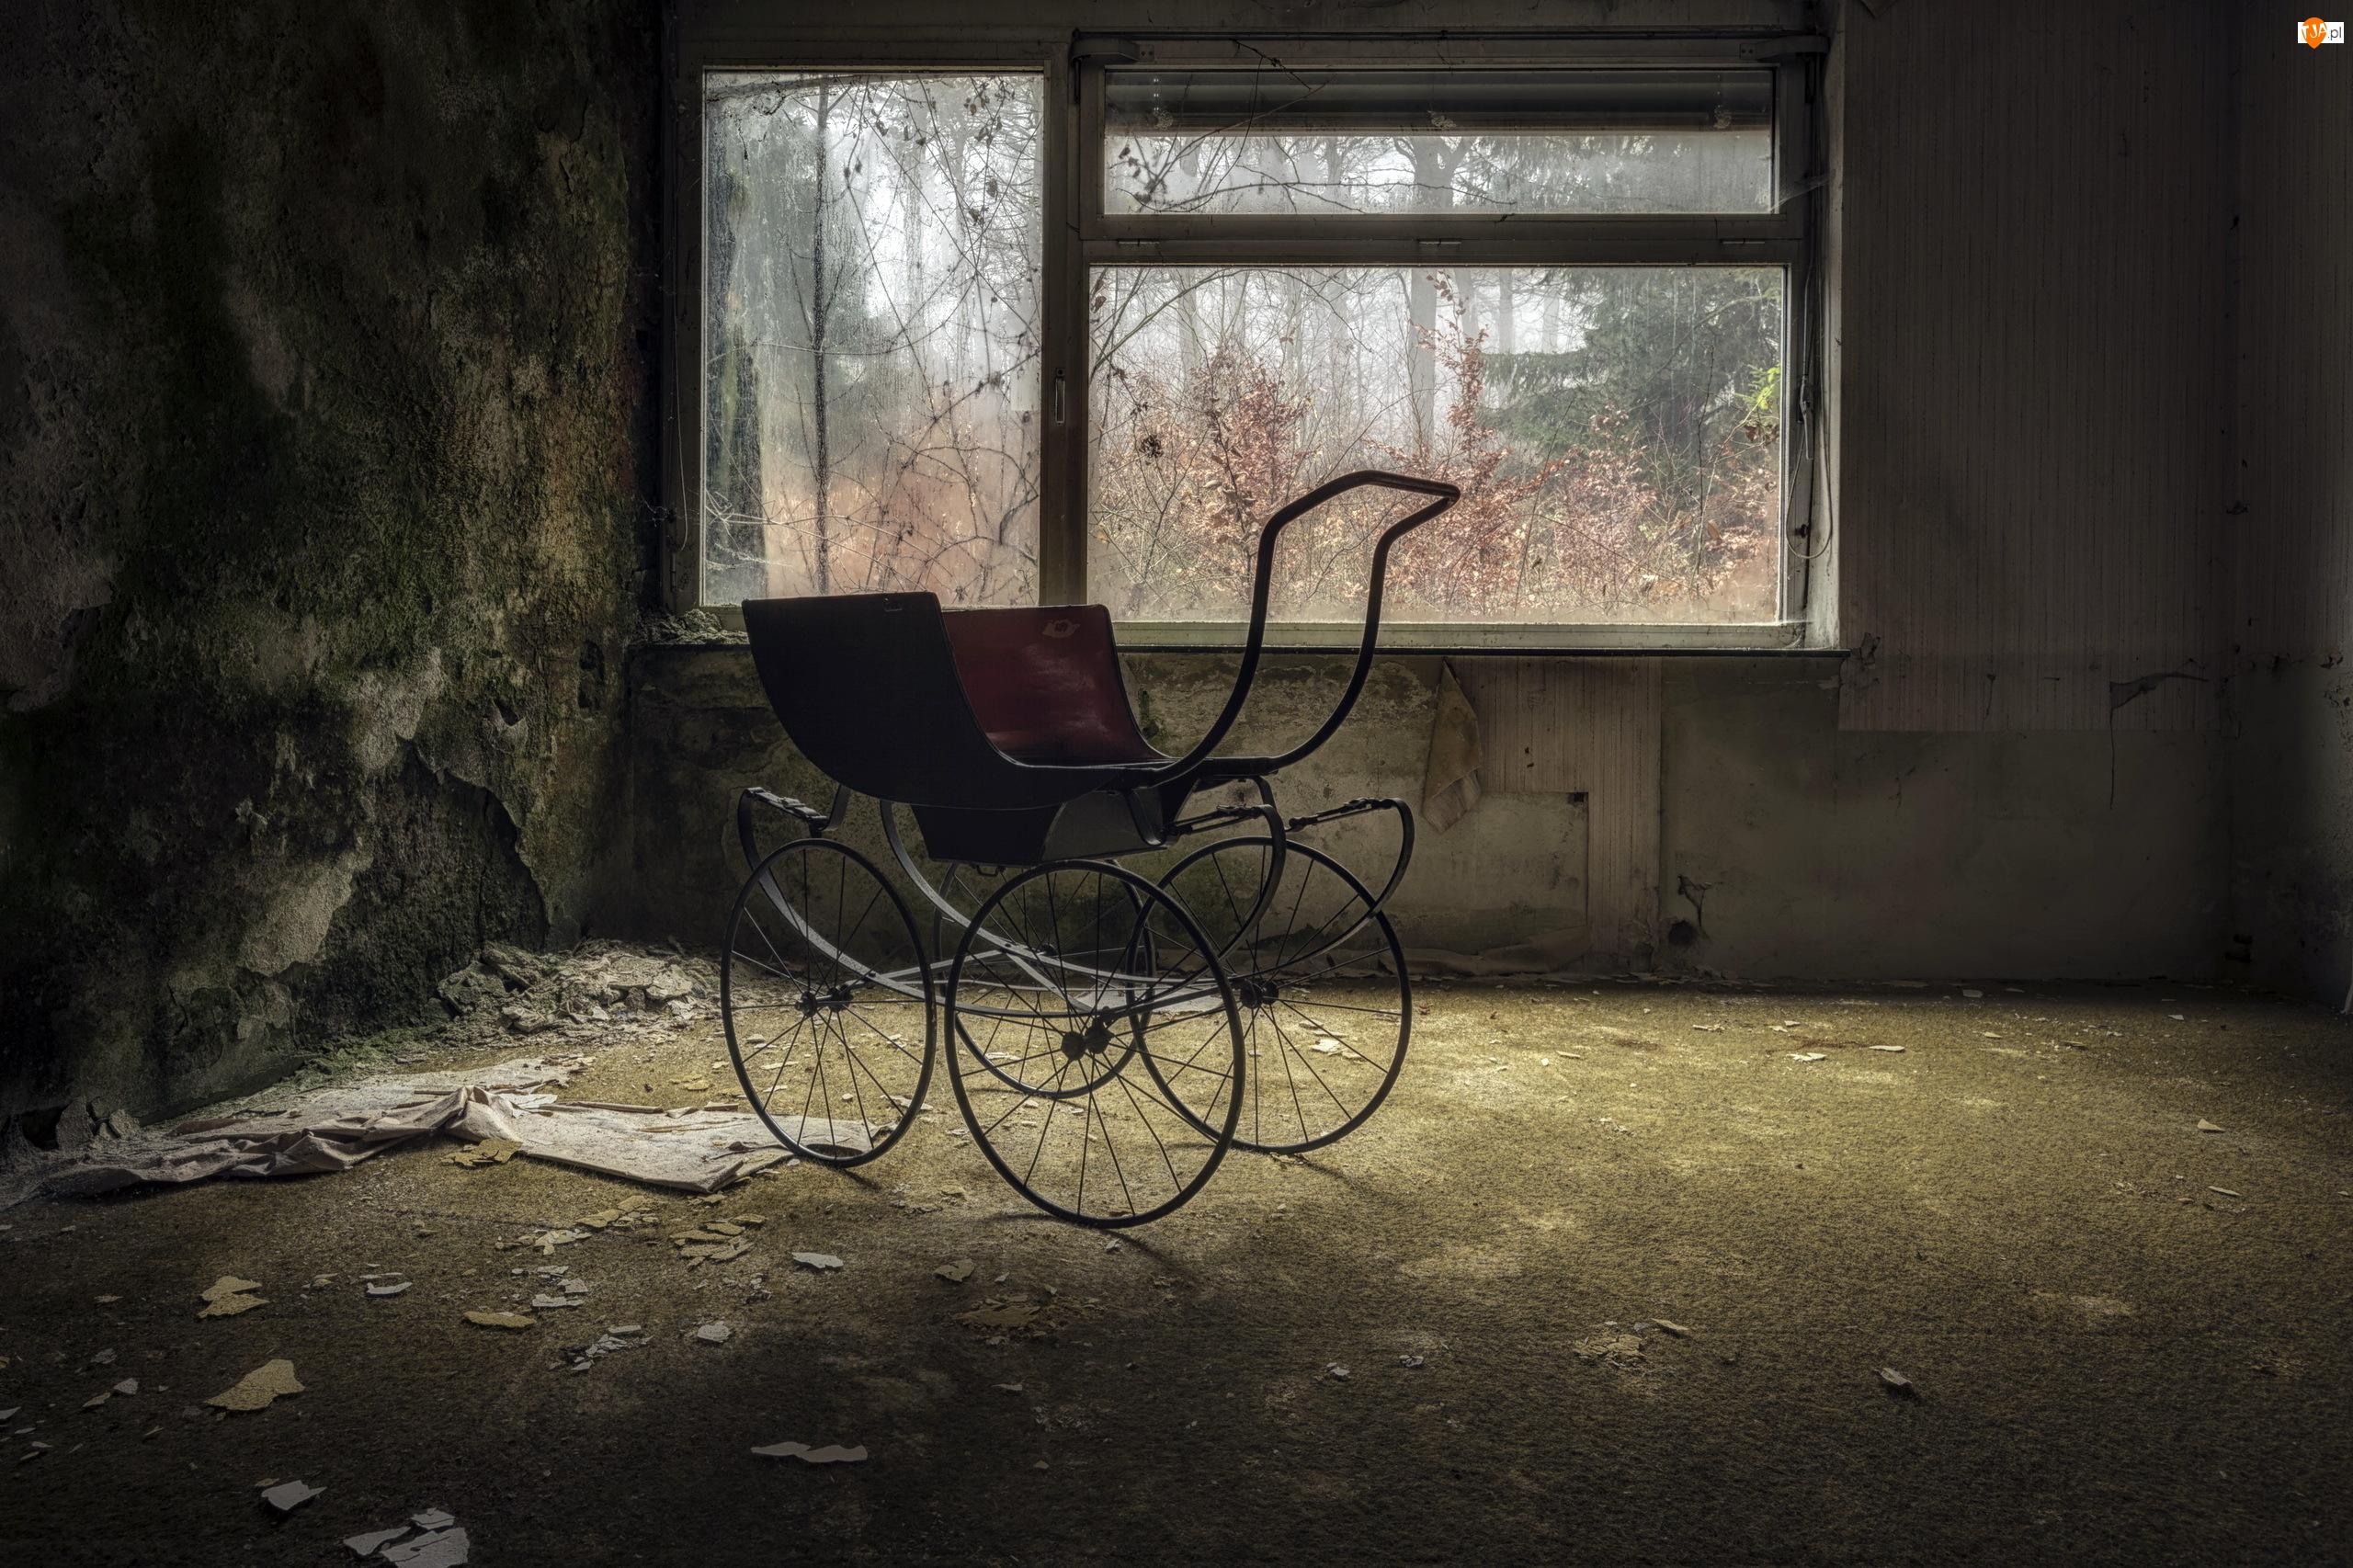 Zaniedbane, Wózek, Pomieszczenie, Okno